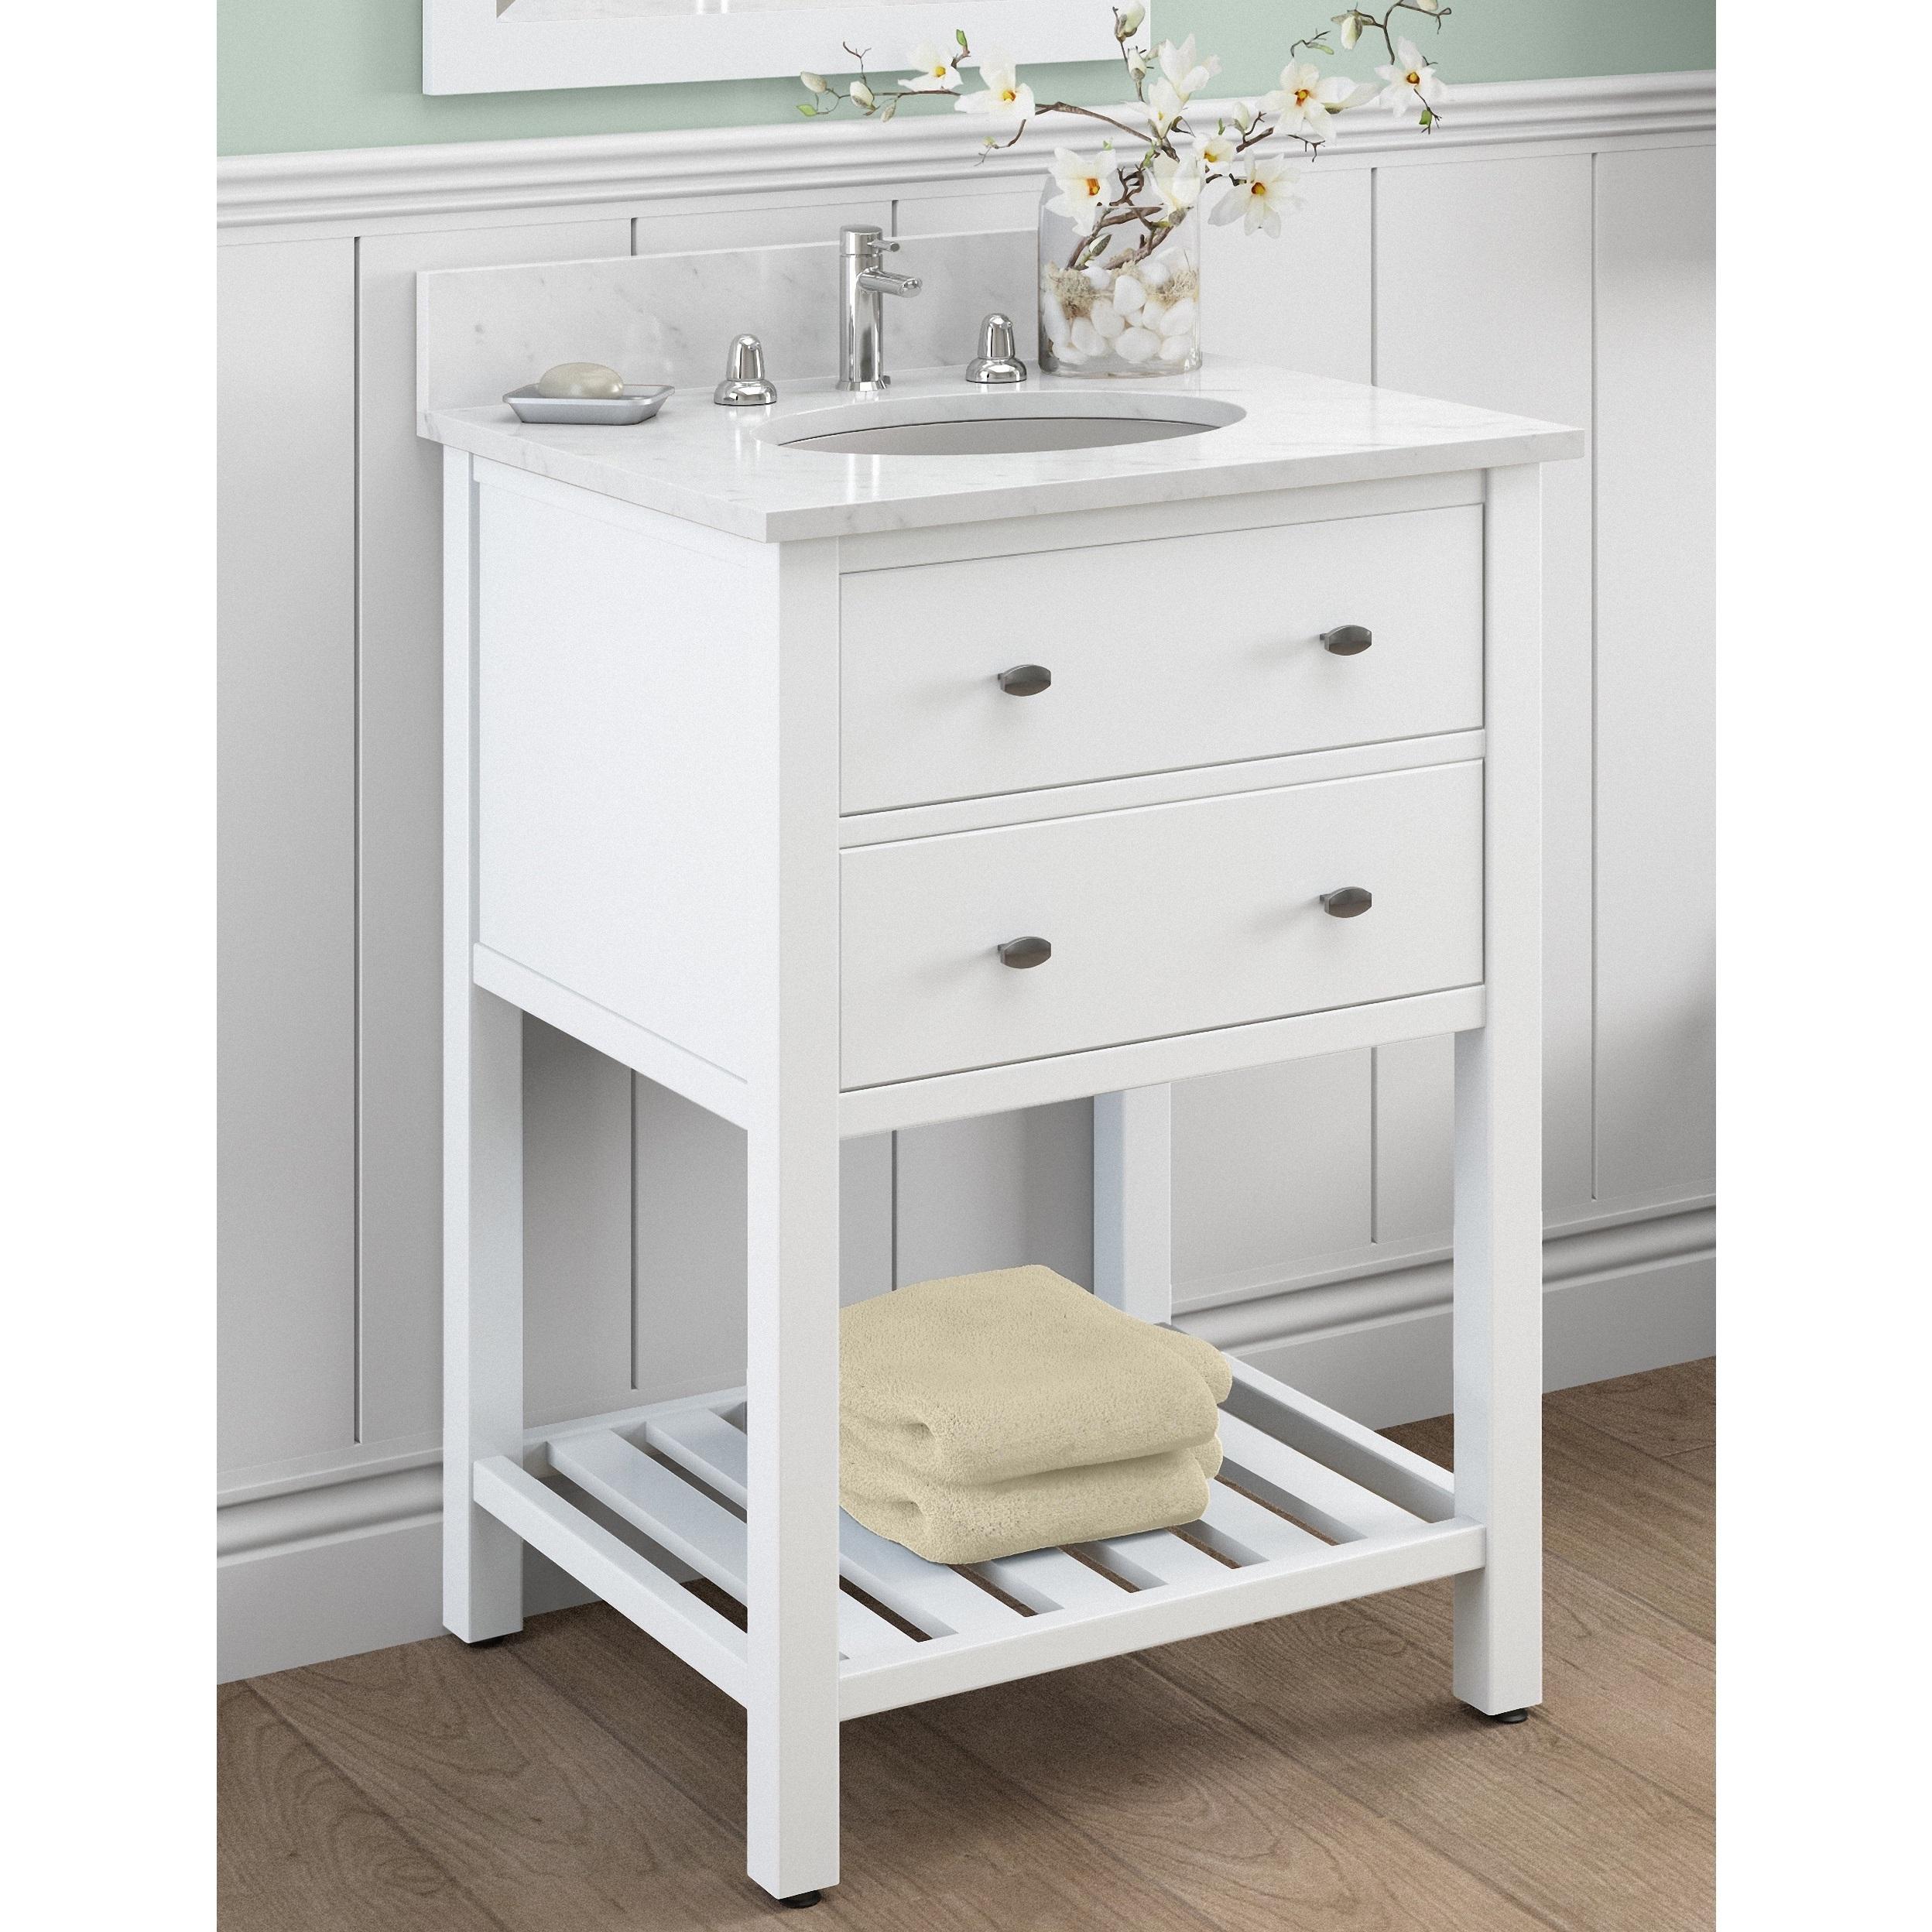 Buy White Bathroom Vanities & Vanity Cabinets Online at Overstock ...